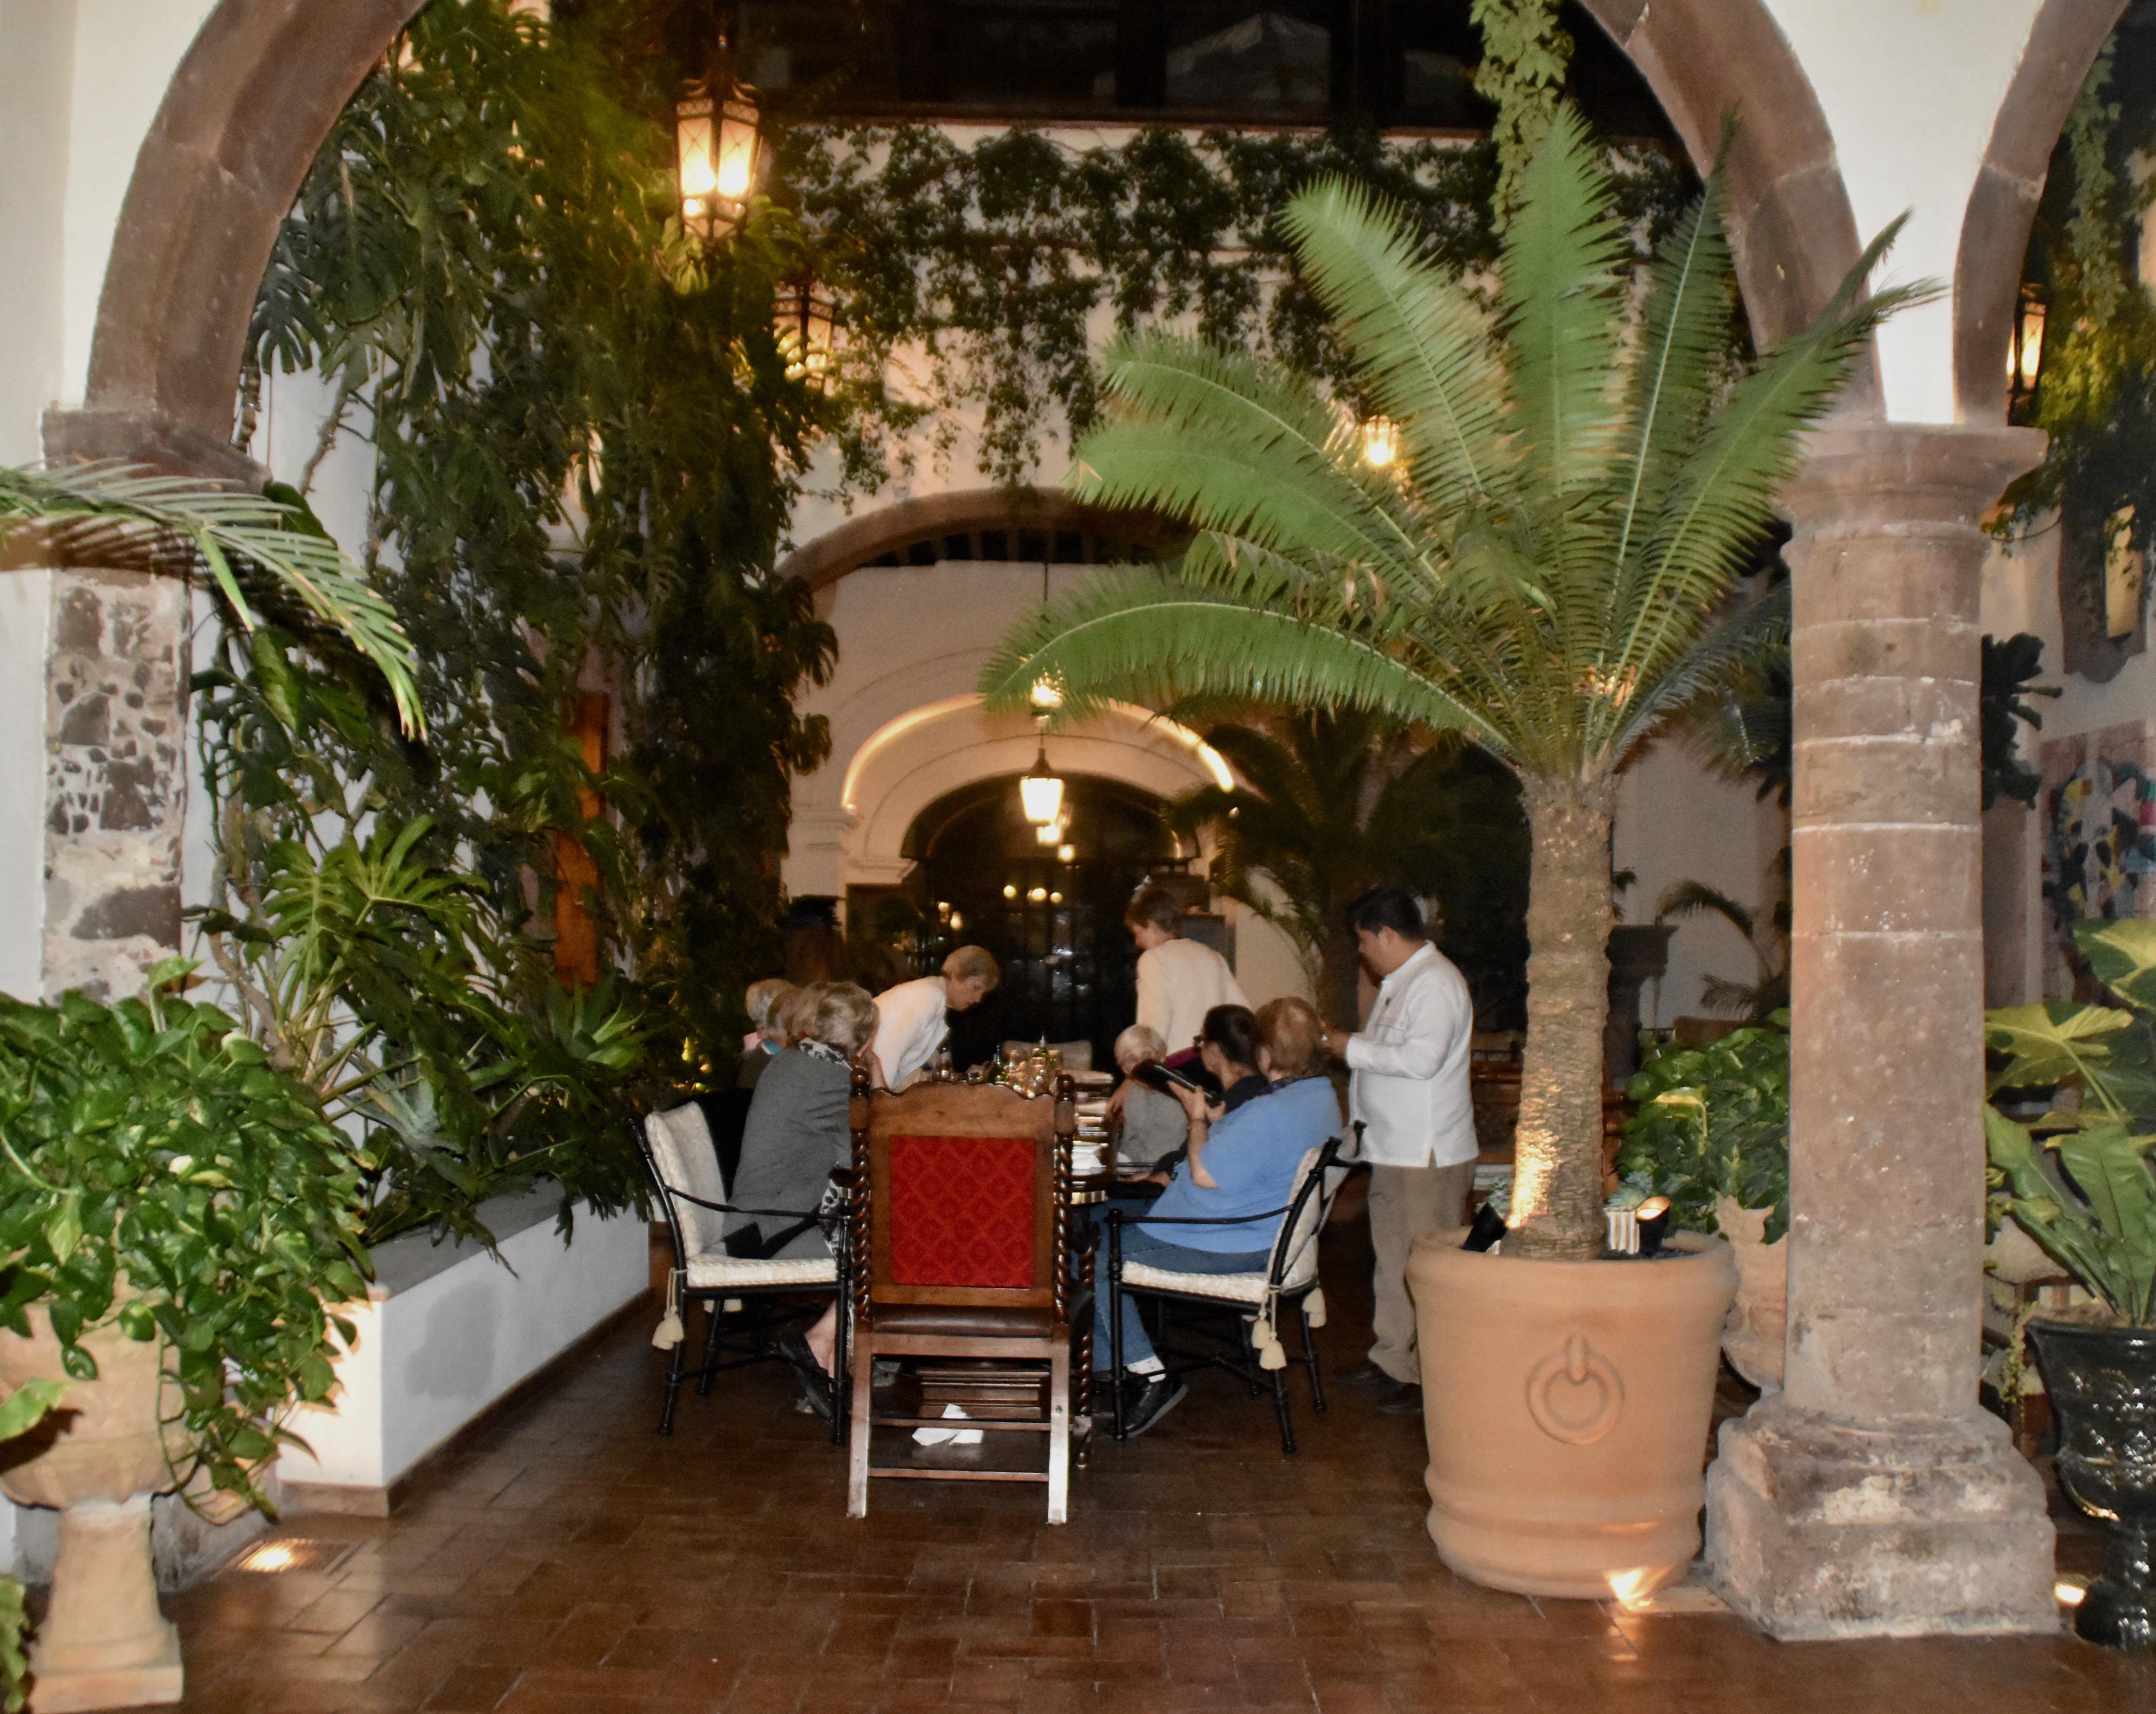 Casa de Sierra Nevada, San Miguel de Allende